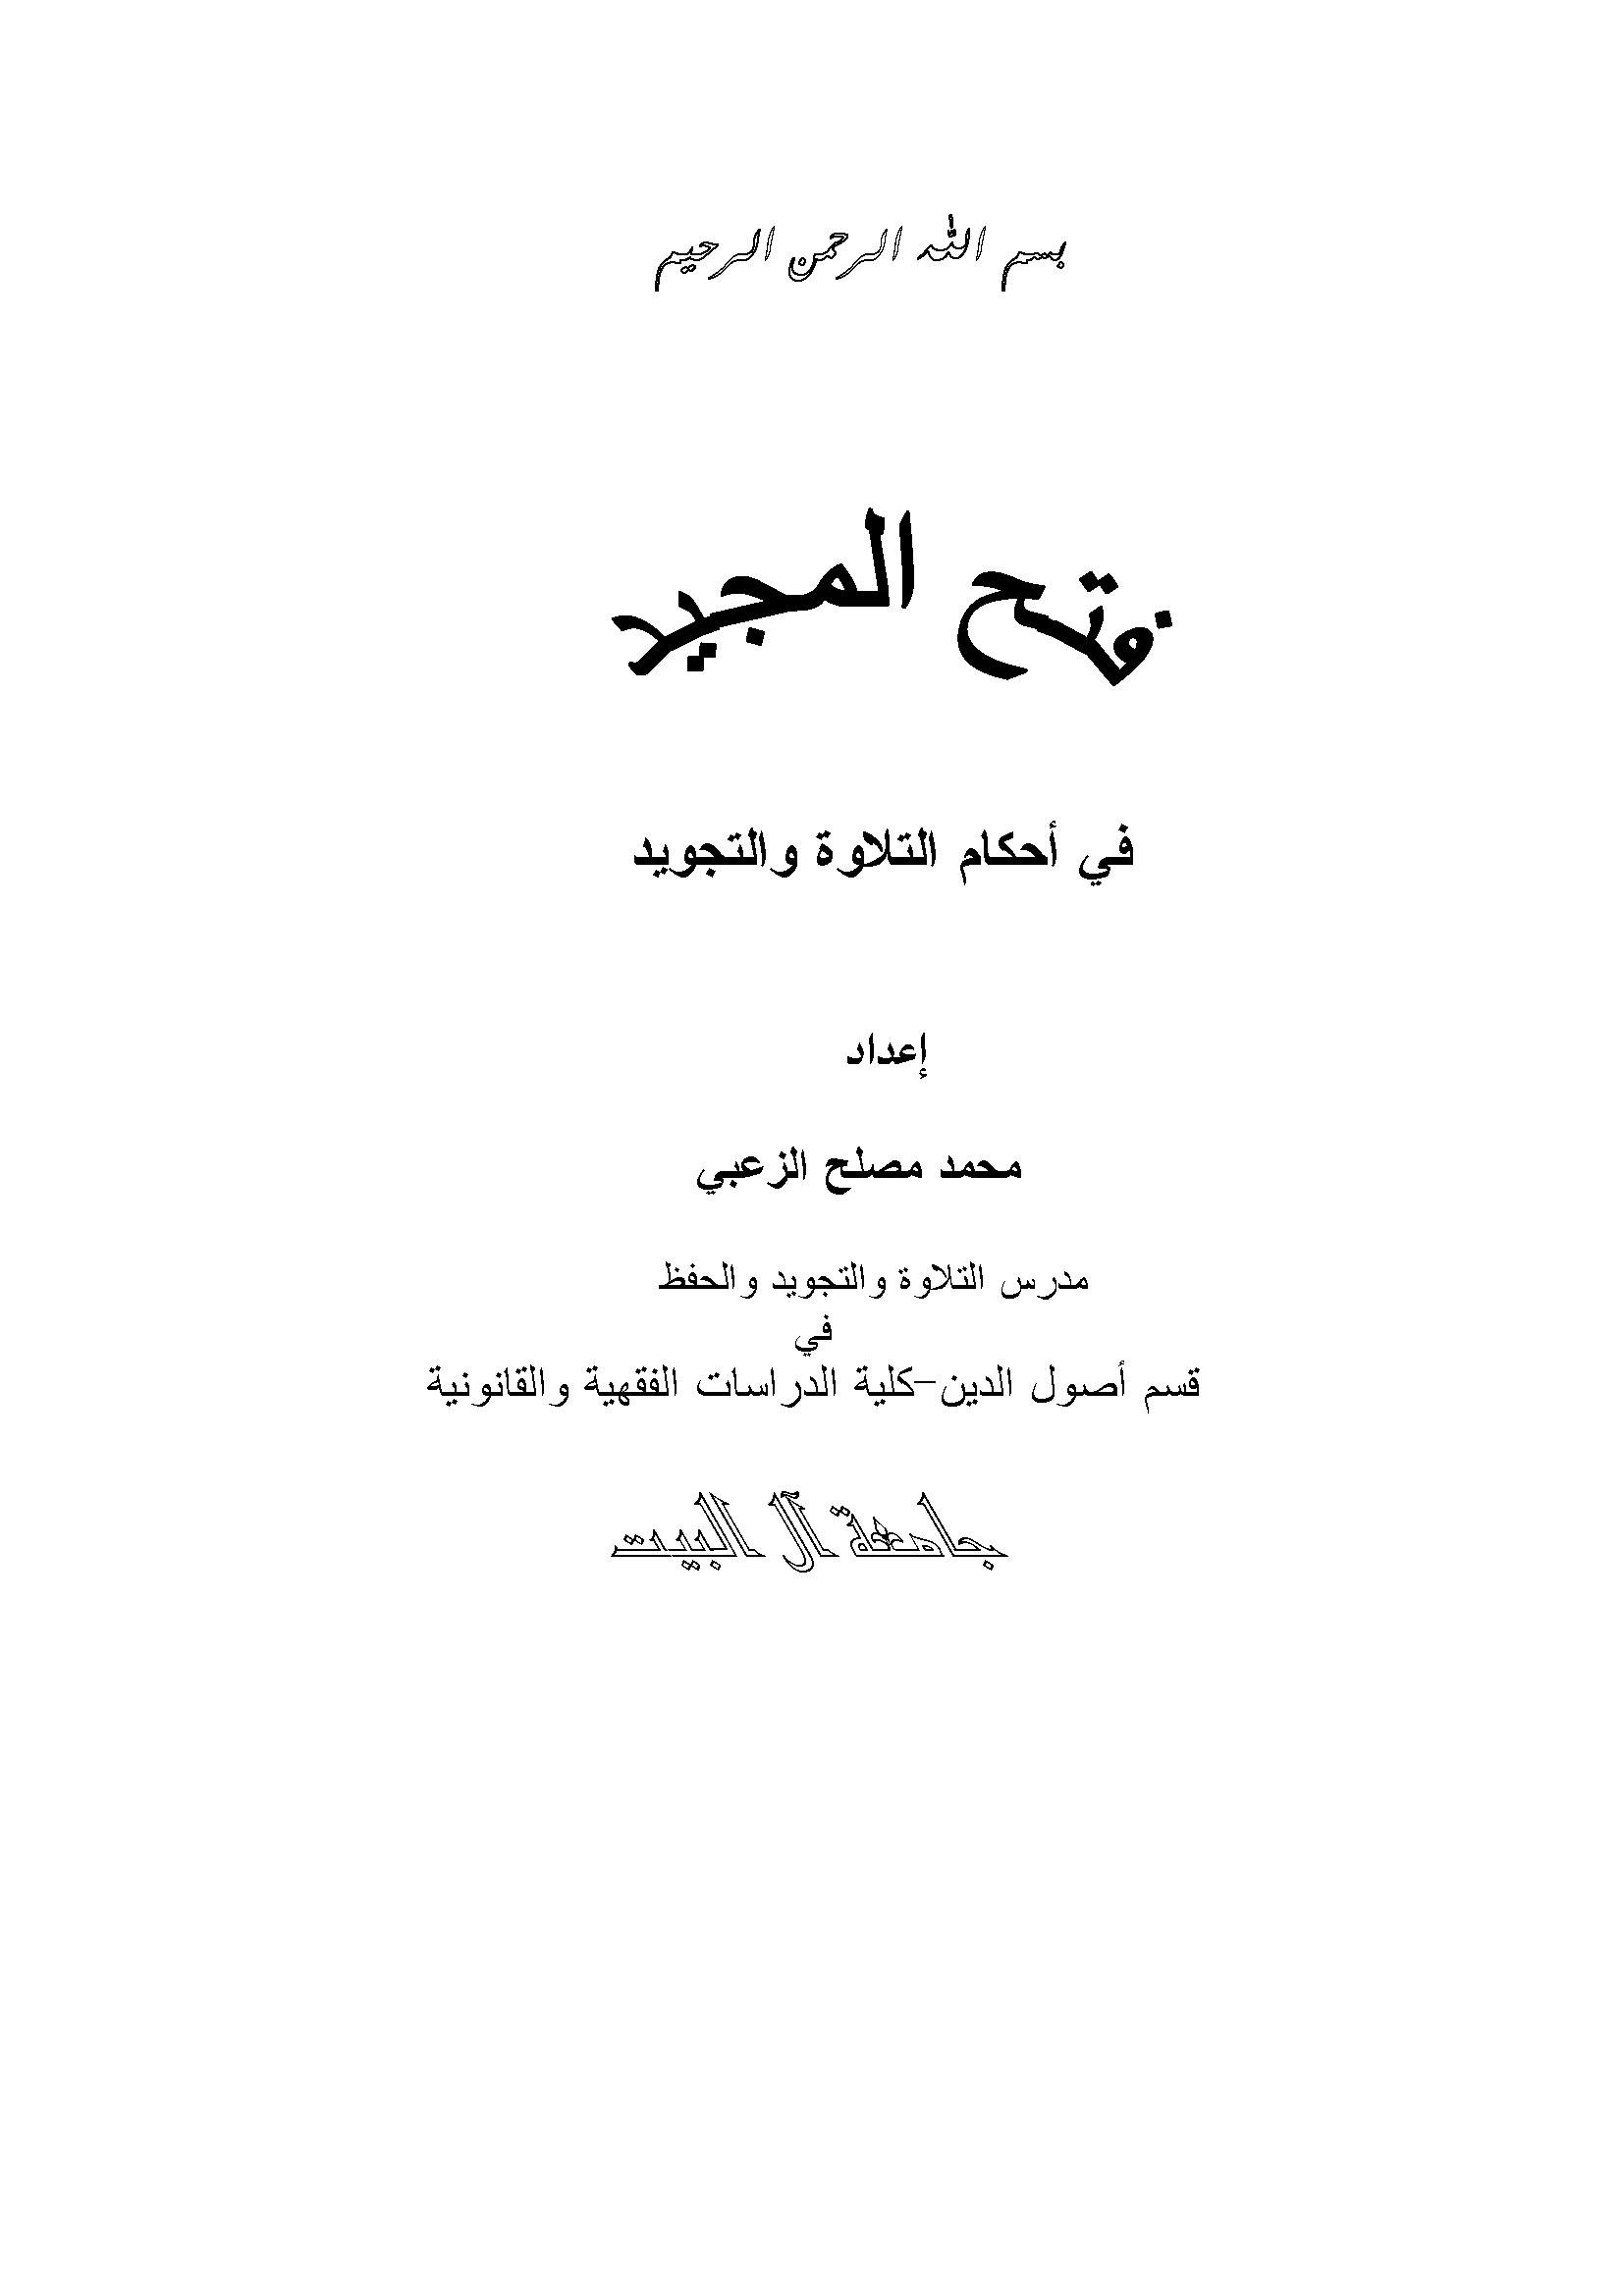 تحميل كتاب فتح المجيد في أحكام التلاوة والتجويد لـِ: الدكتور محمد مصلح الزعبي